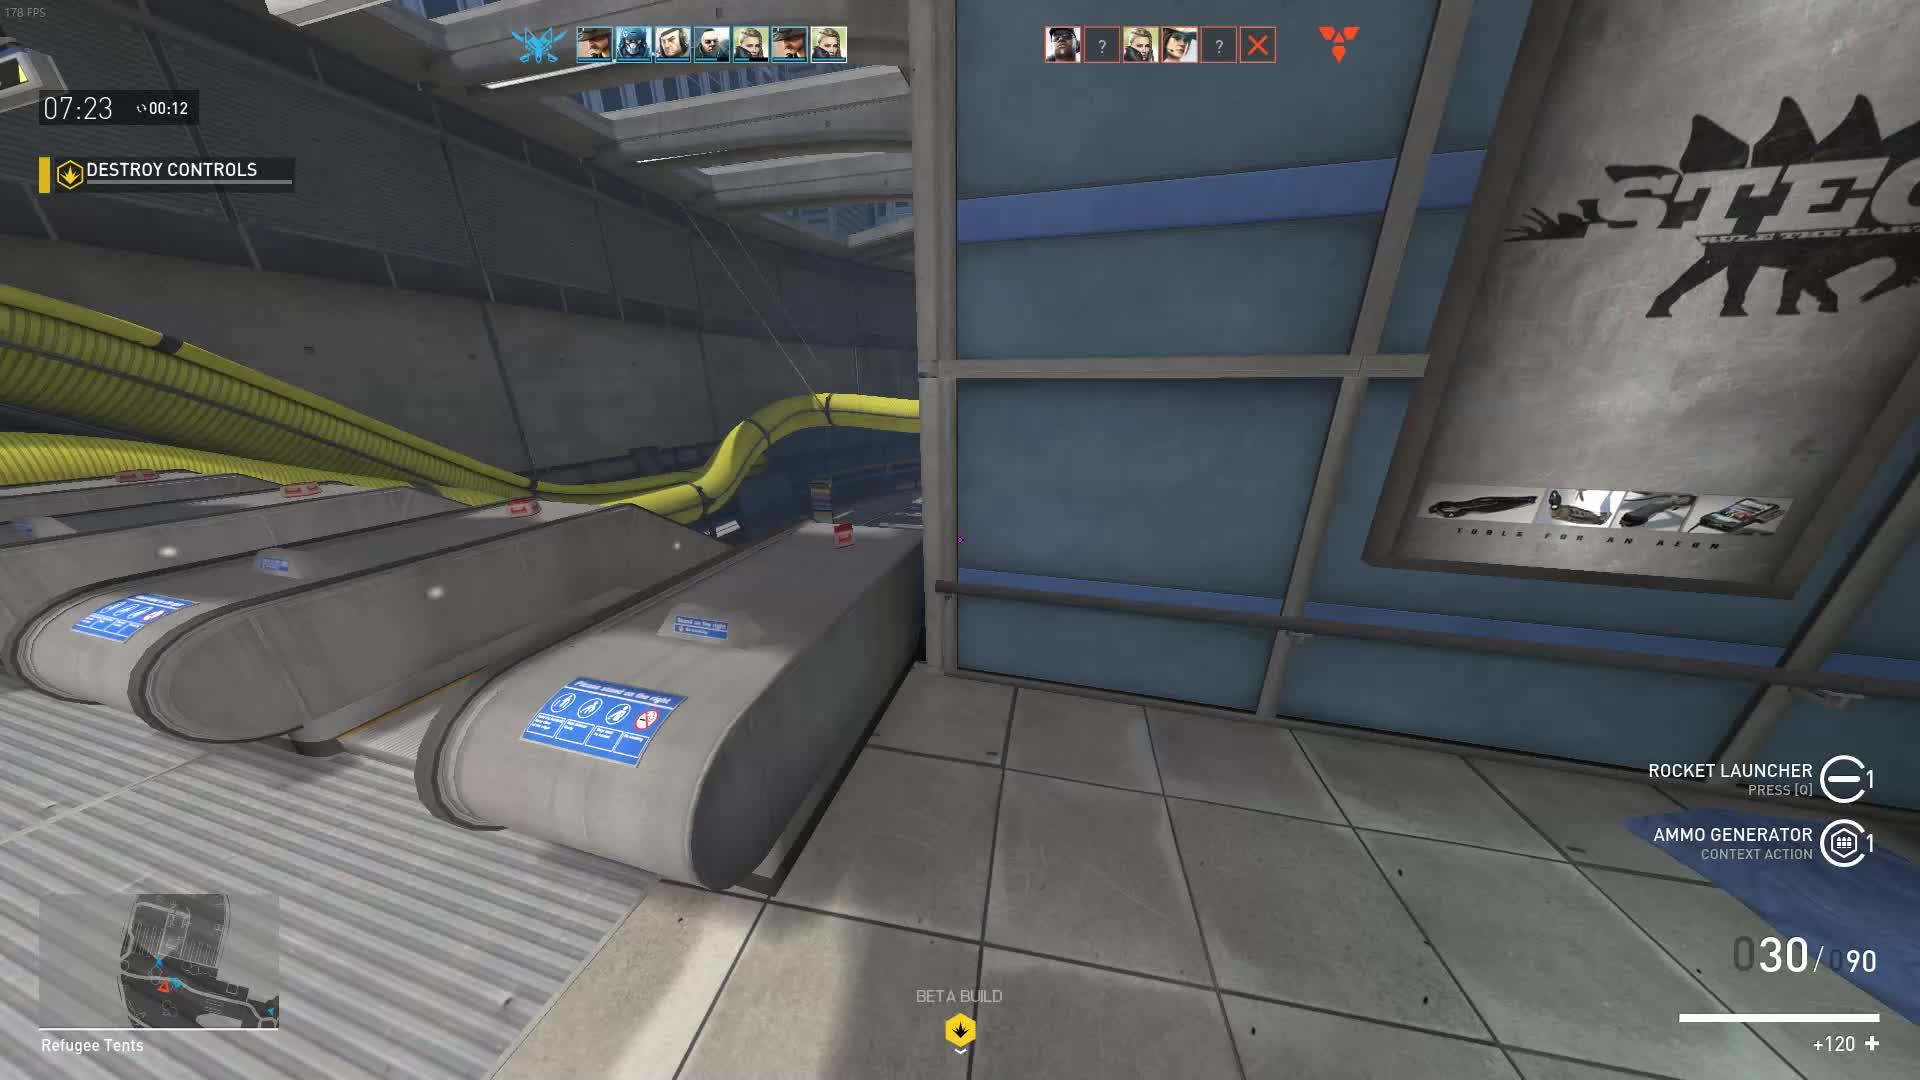 dirtybomb, quad jav GIFs